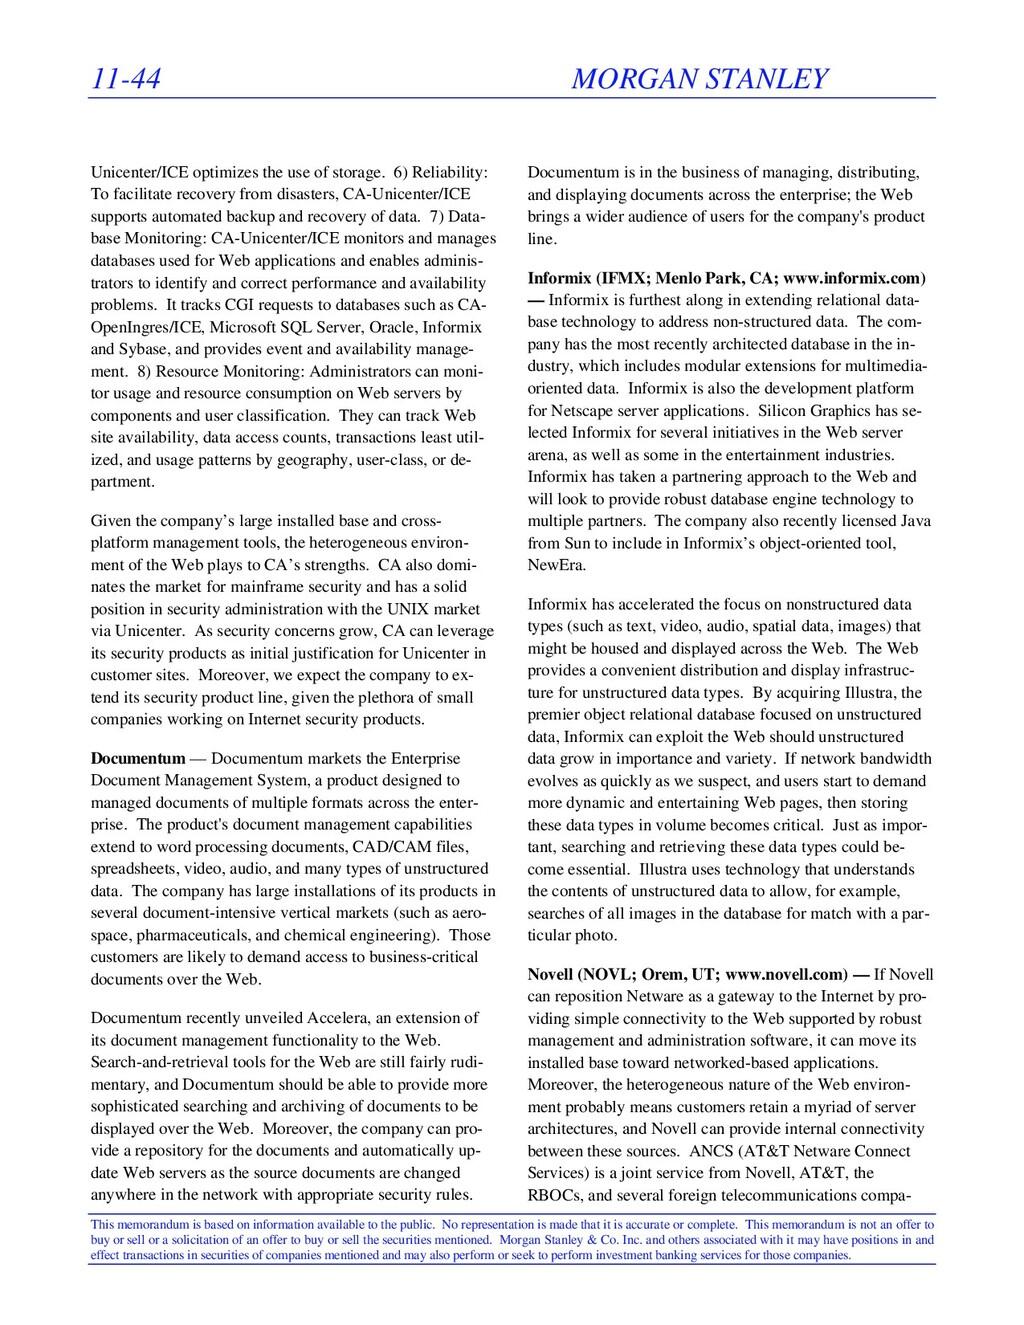 11-44 MORGAN STANLEY This memorandum is based o...